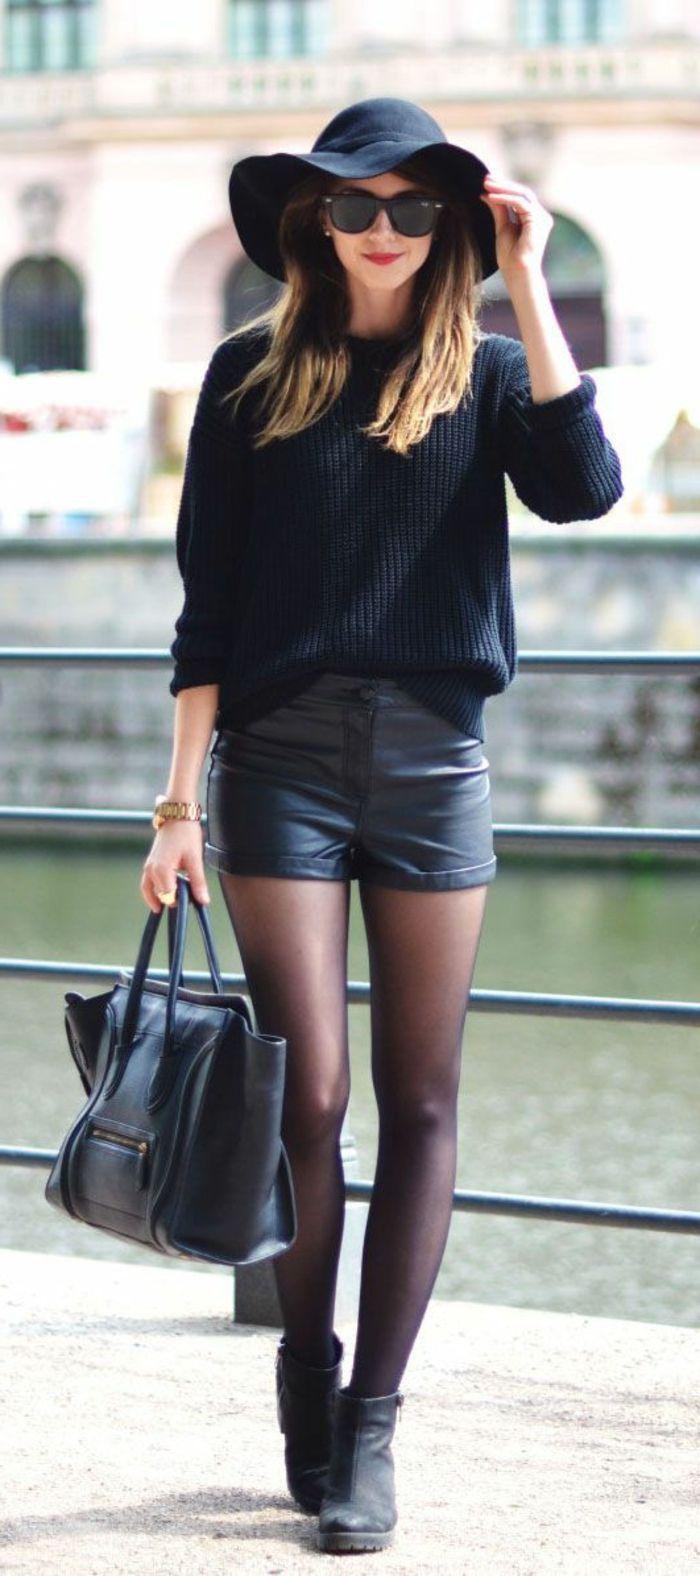 Photo of Maglione nero come accento sui vestiti